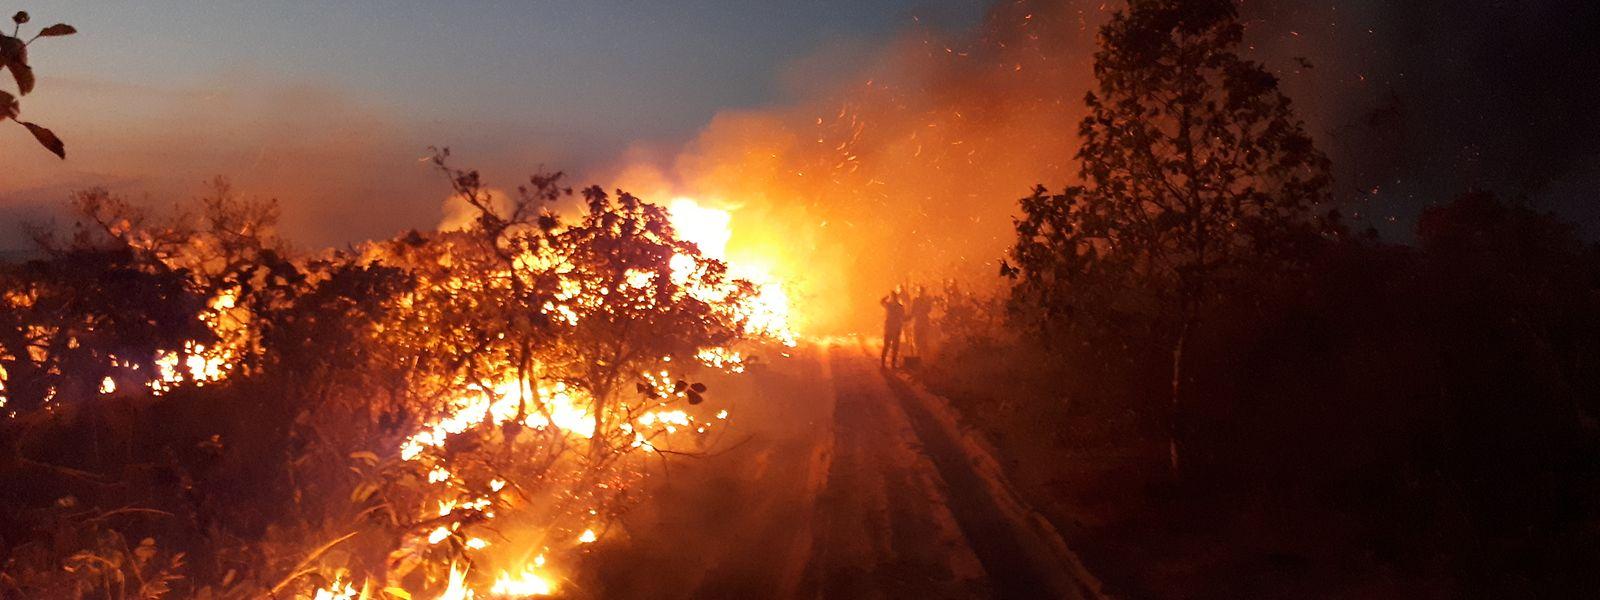 Waldbrand im Naturpark Chapada dos Guimaraes. Seit Wochen wüten Tausende Feuer im Amazonasgebiet und den angrenzenden Steppengebieten.